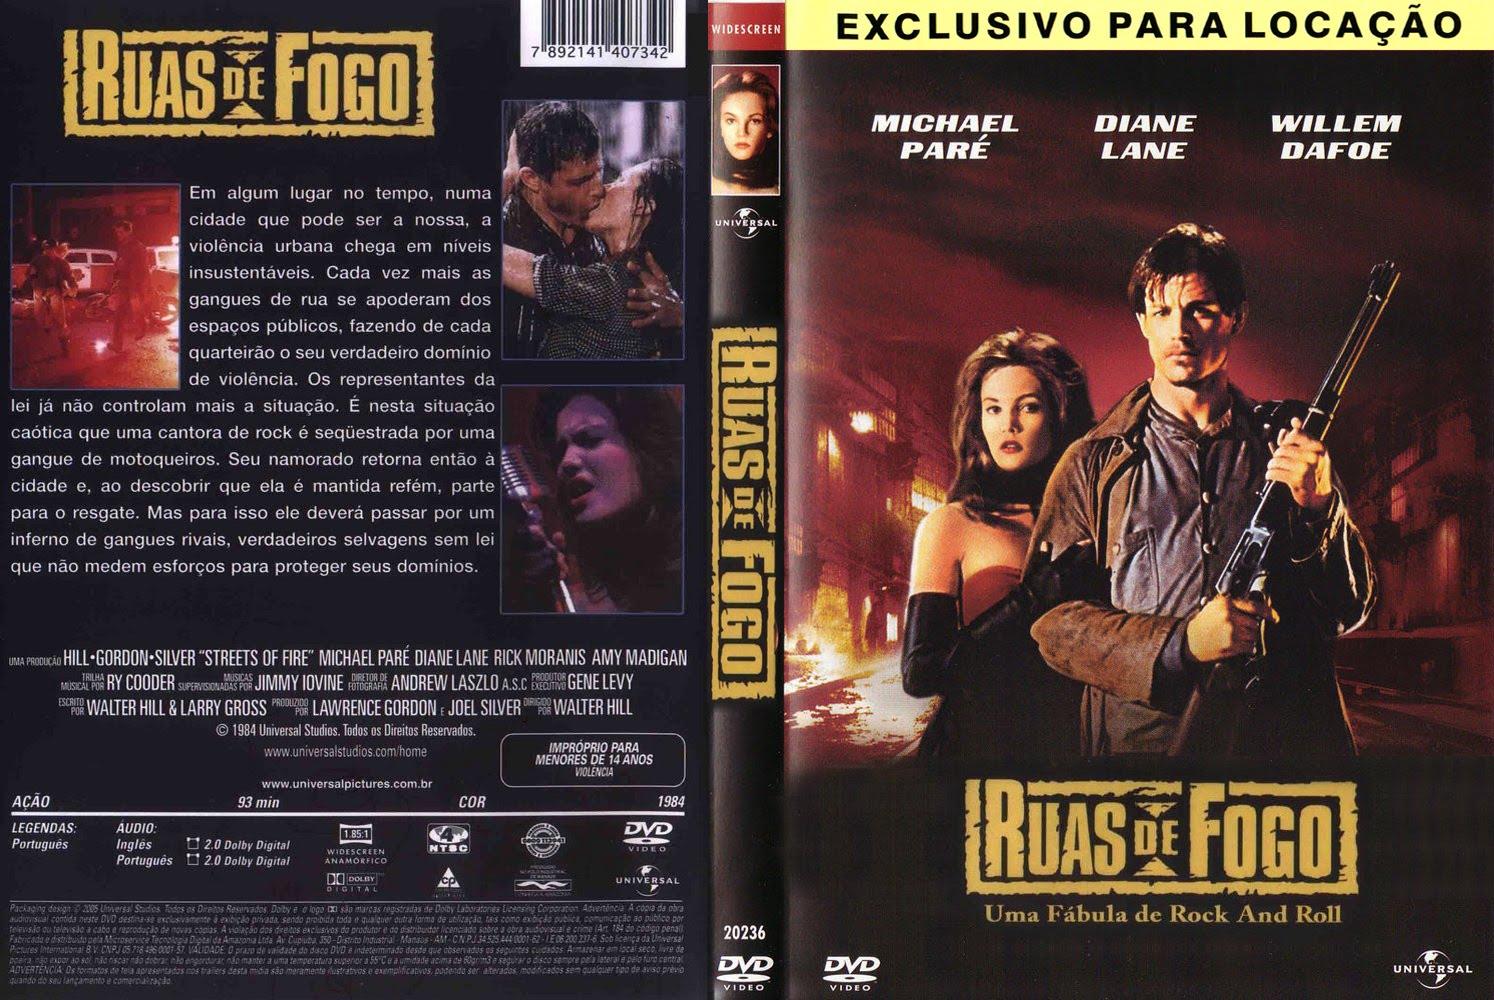 http://1.bp.blogspot.com/_Tgeb_LTYc0o/S85NjqtebhI/AAAAAAAAAfs/gQzTK8H-6mw/s1600/Ruas+De+Fogo.jpg